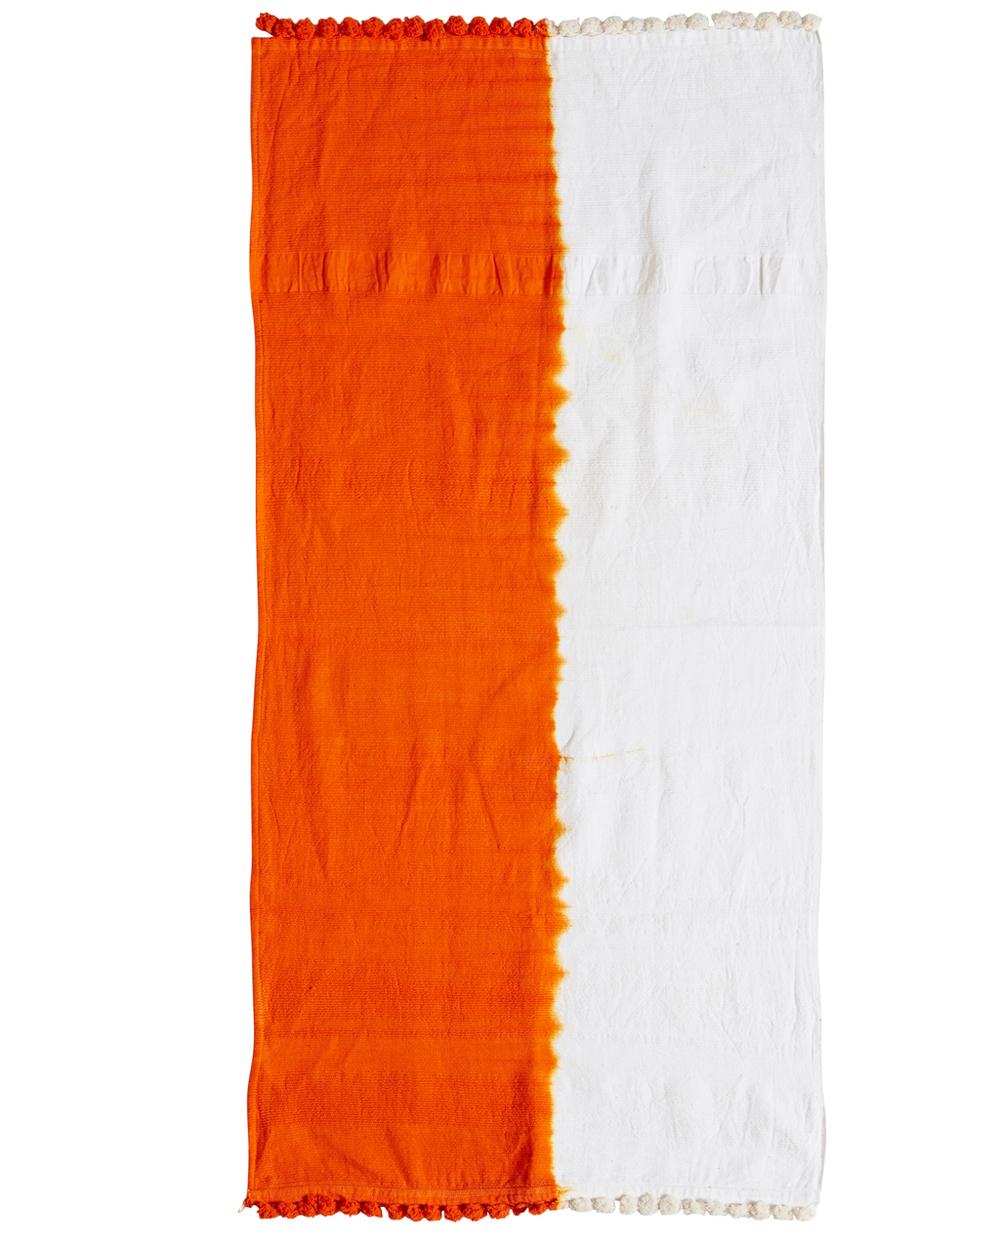 Jac+ Jack + Dinosaur Designs Half Dip Hand Towel in Orange Flat LR.jpg